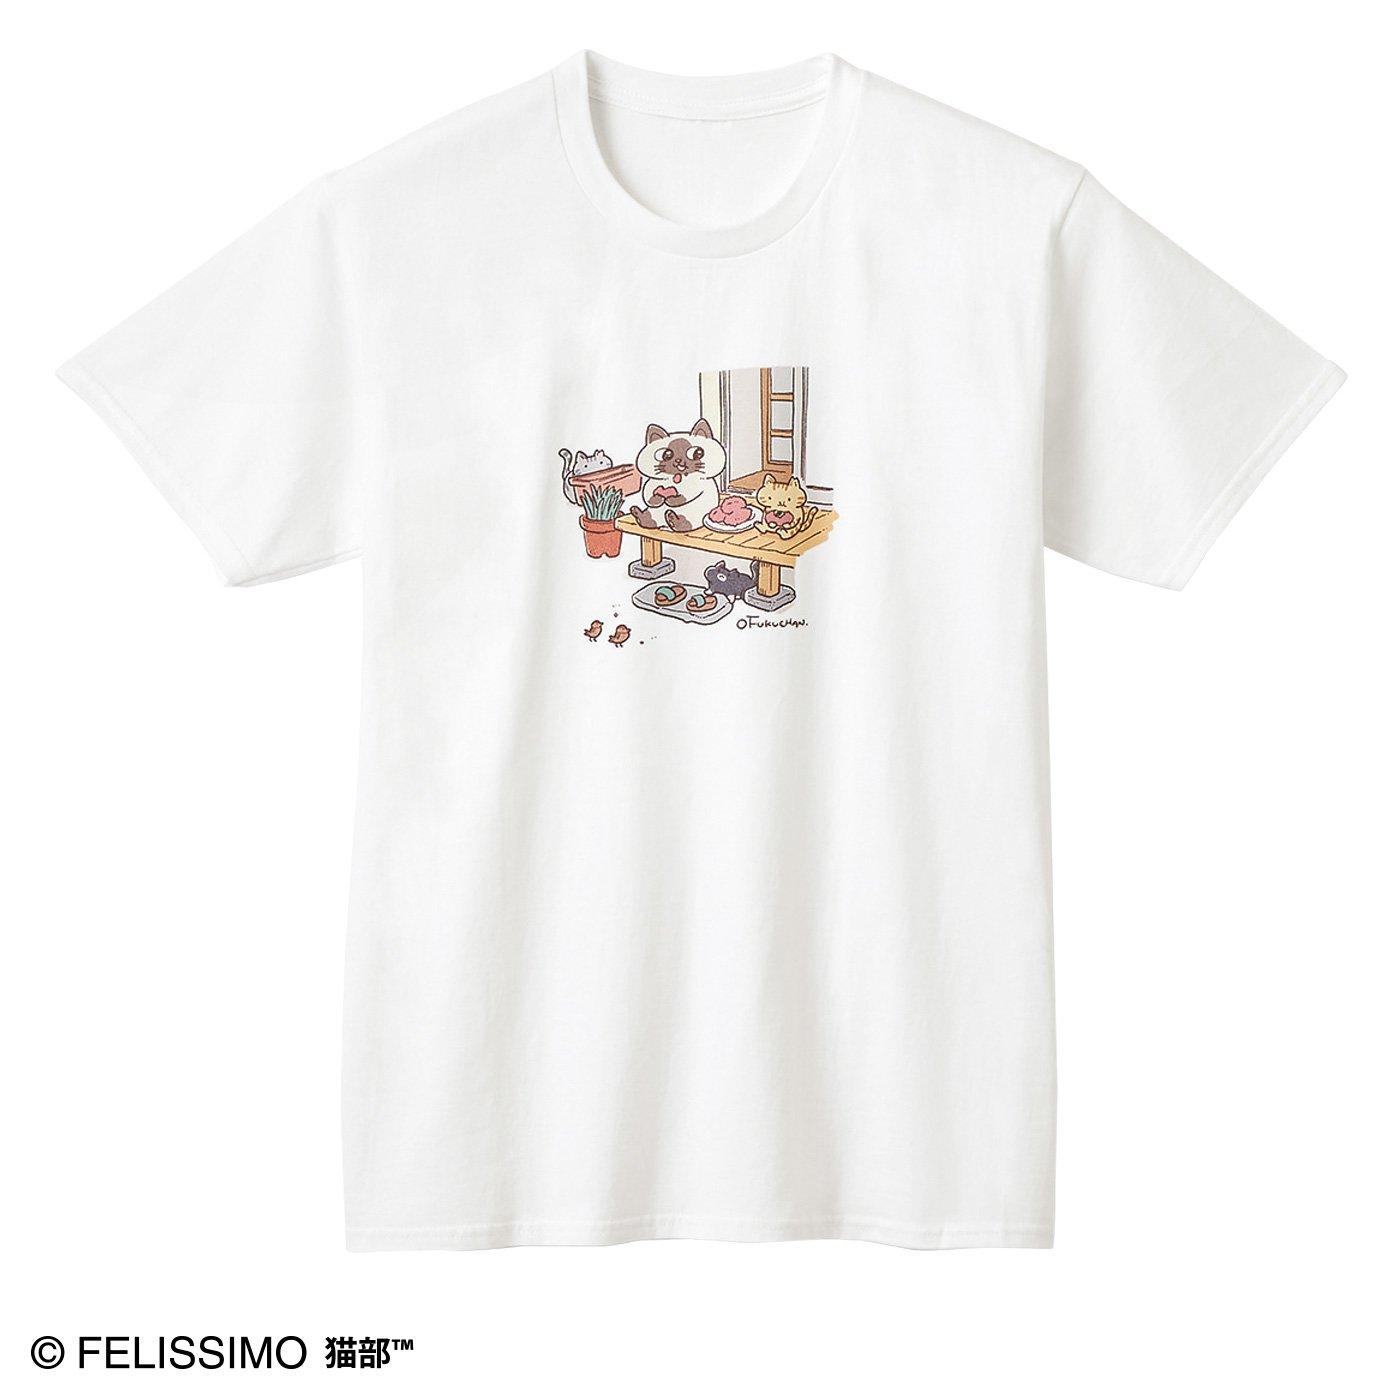 猫部×やじまけんじ 地域猫チャリティーTシャツ2020